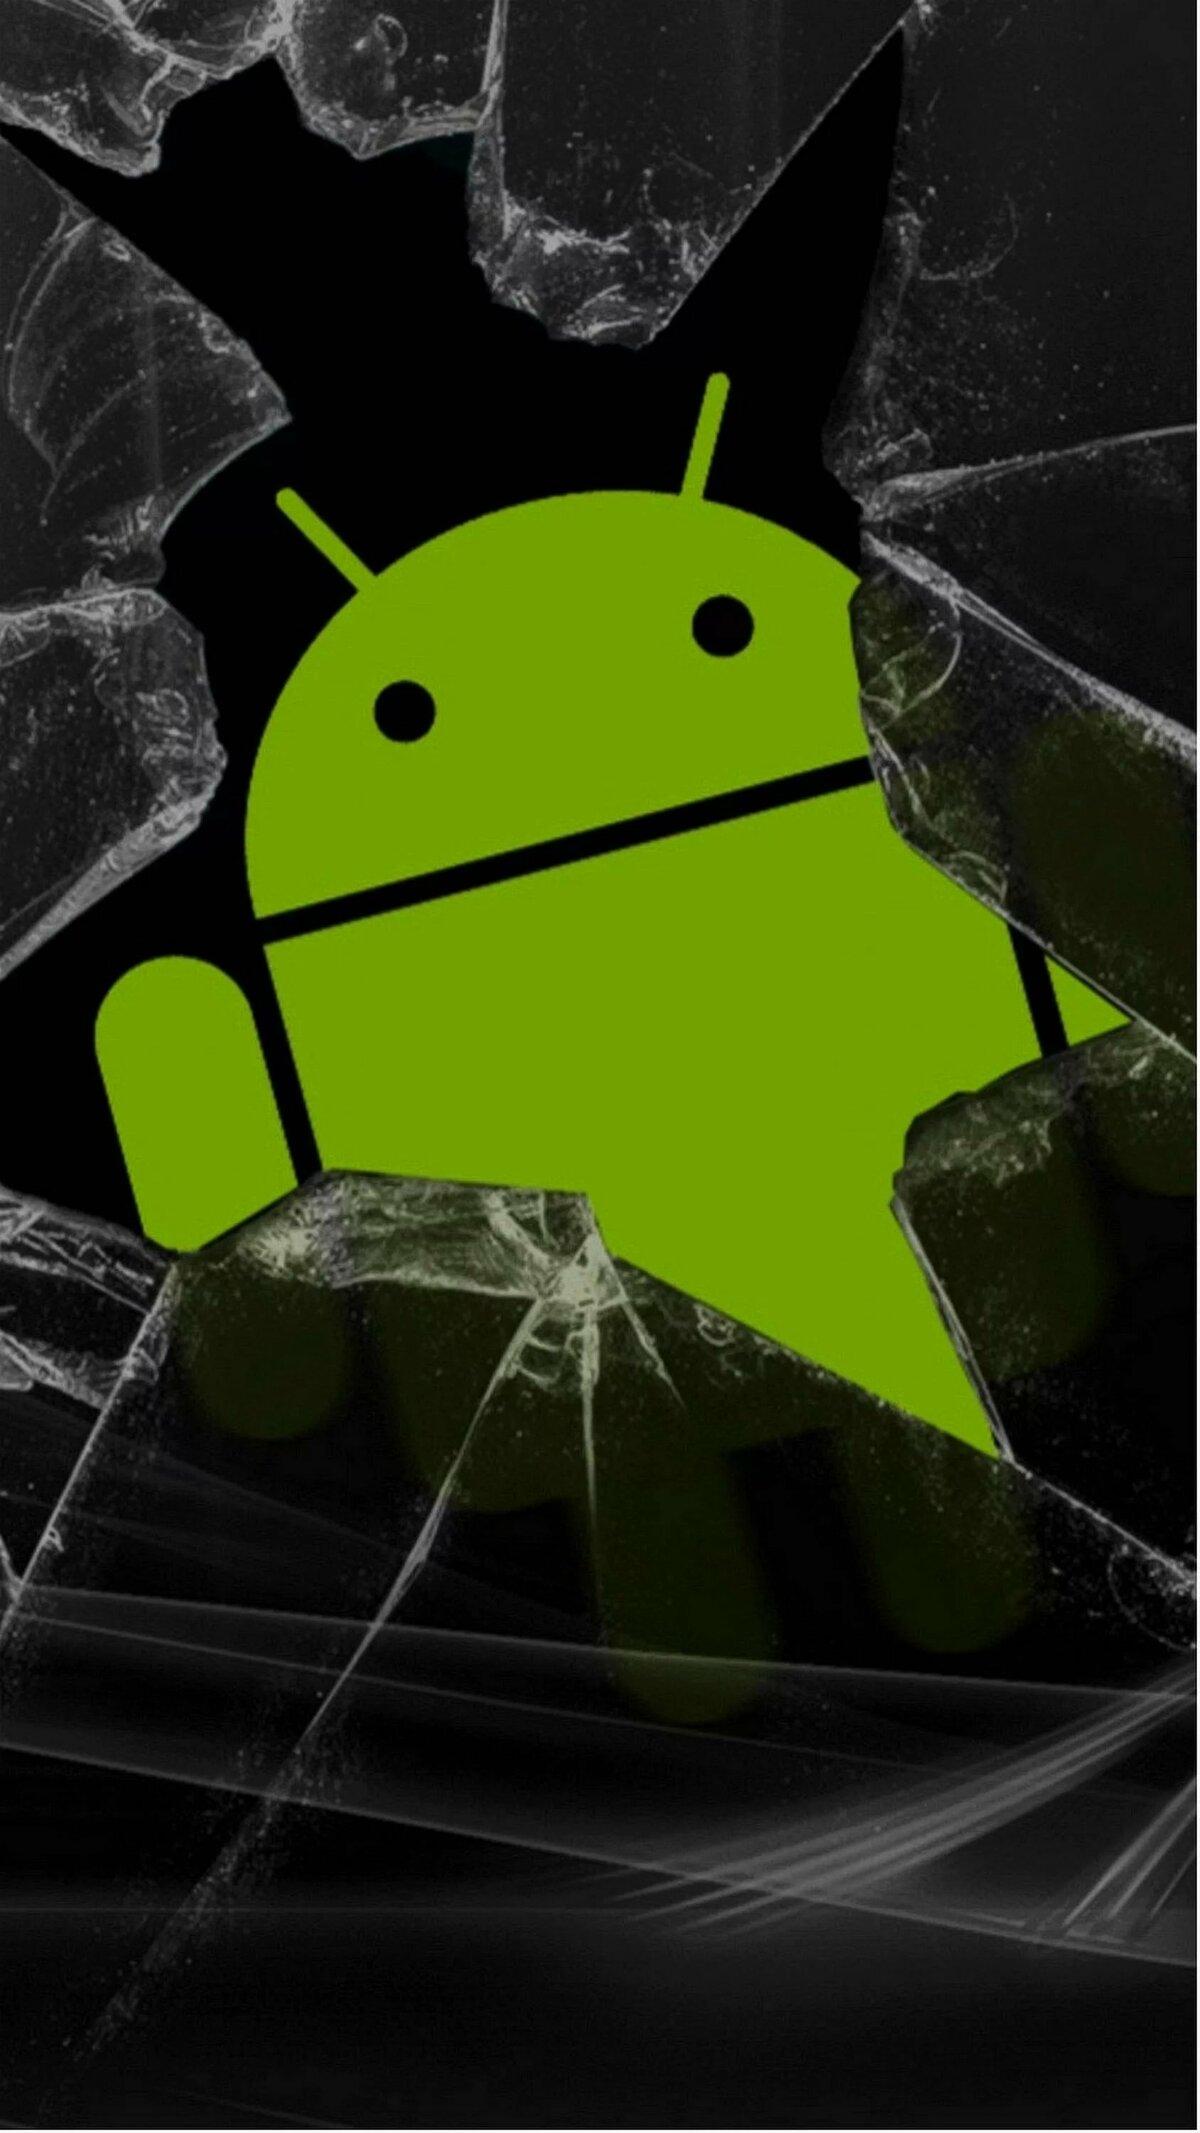 Скачать Обои На Экран Андроида